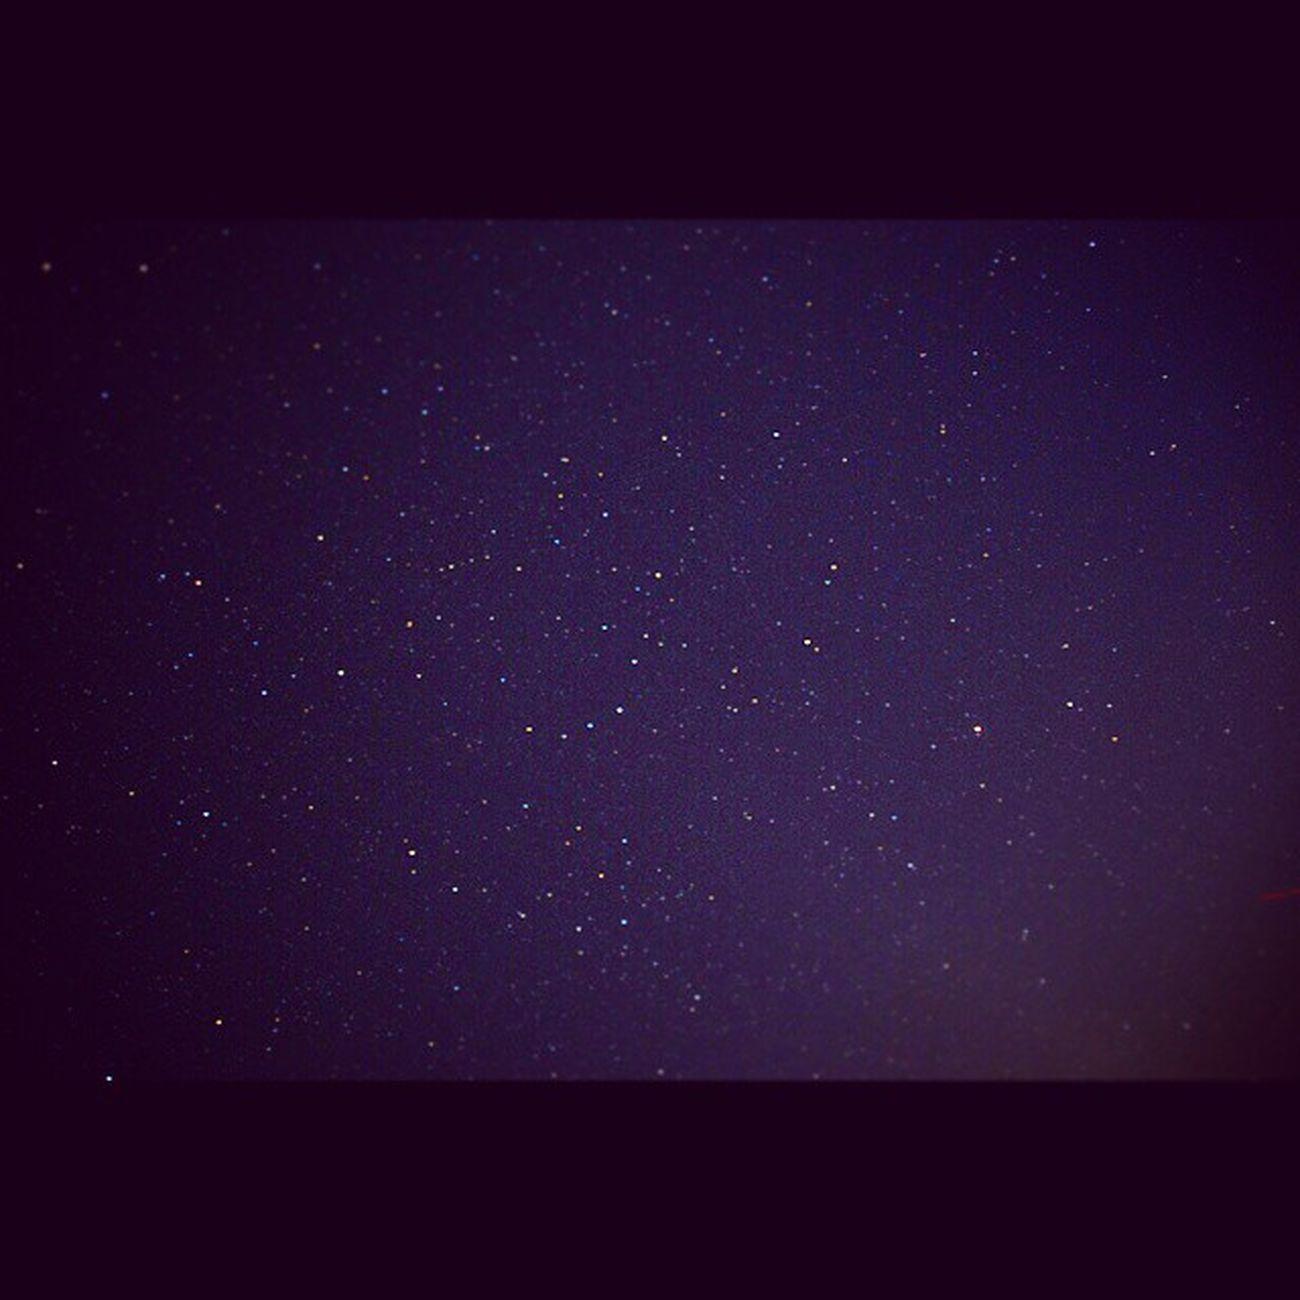 Weit überm Sternenzelt ...